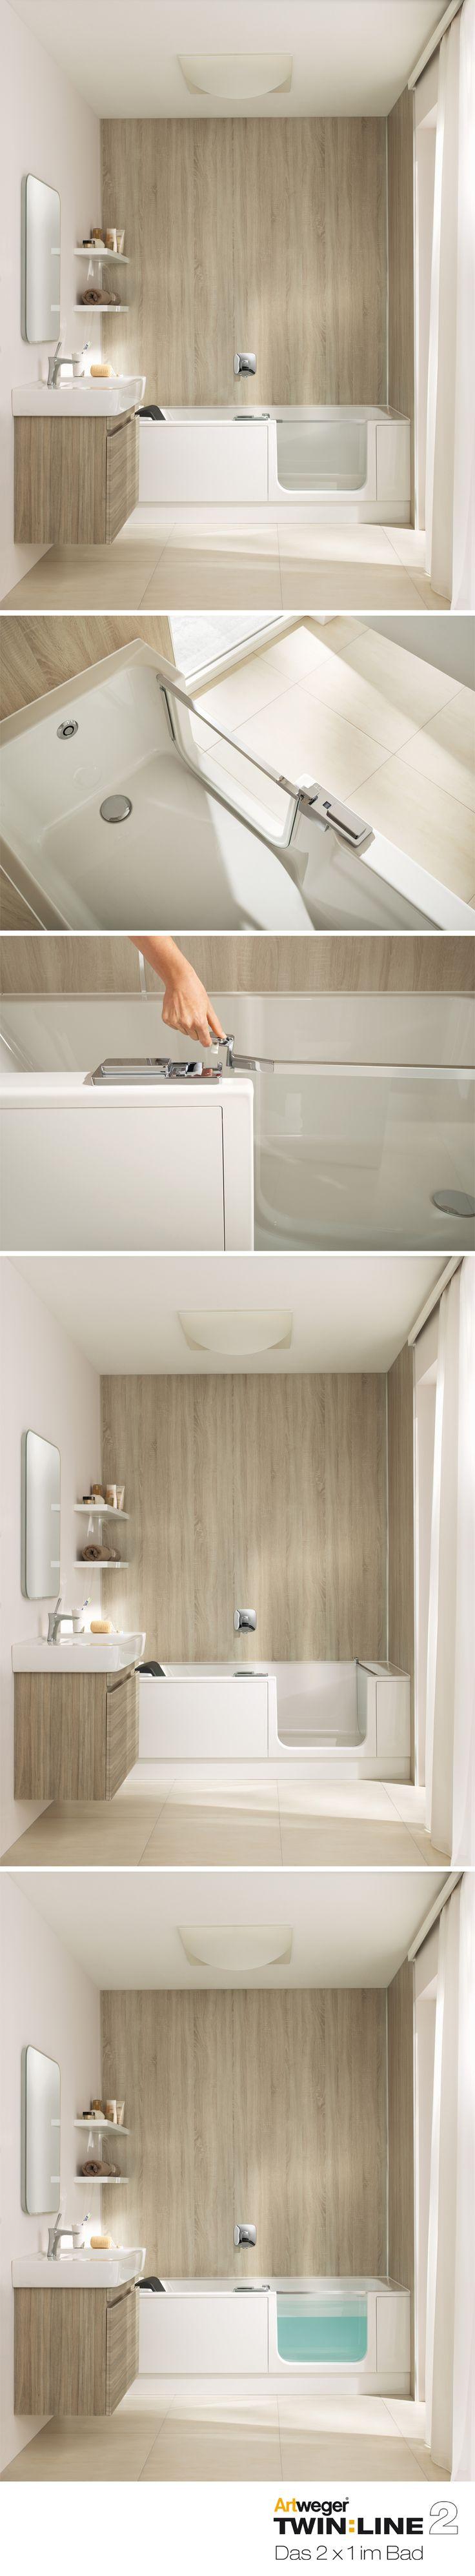 Stylisches Minibad mit Komfort: TWINLINE 2 mit Badewannentür für einen bequemen Einstieg in die Wanne und pflegeleichte ARTWALL Wandpaneele in Eiche hell (beide Produkte lieferbar ab April 2017)  www.artweger.at